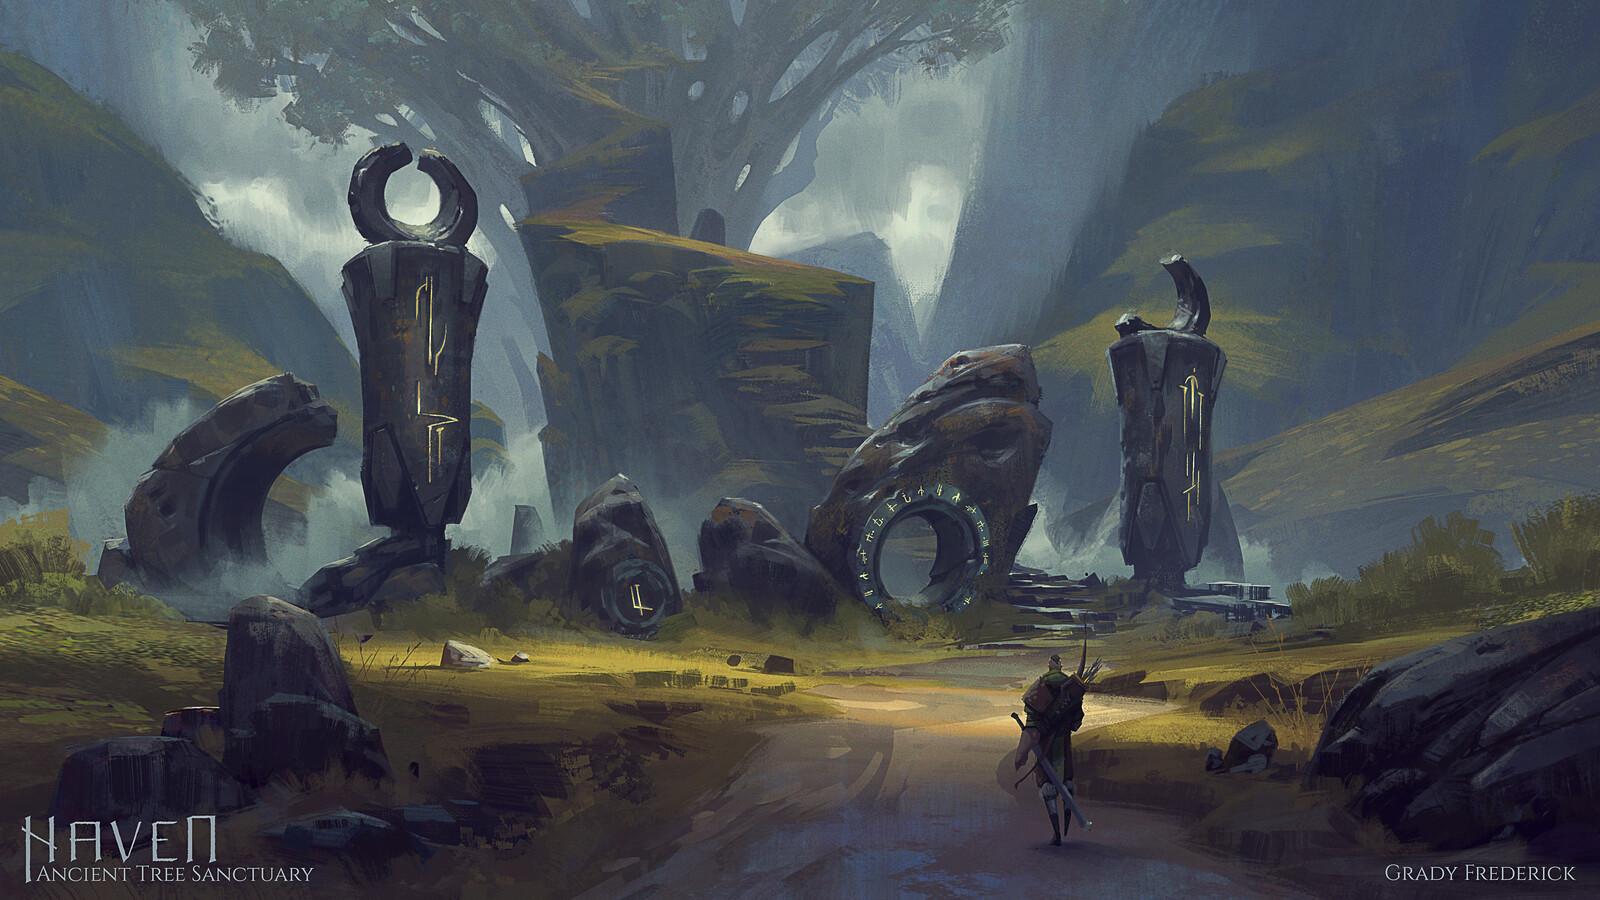 Haven - Ancient Tree Sanctuary